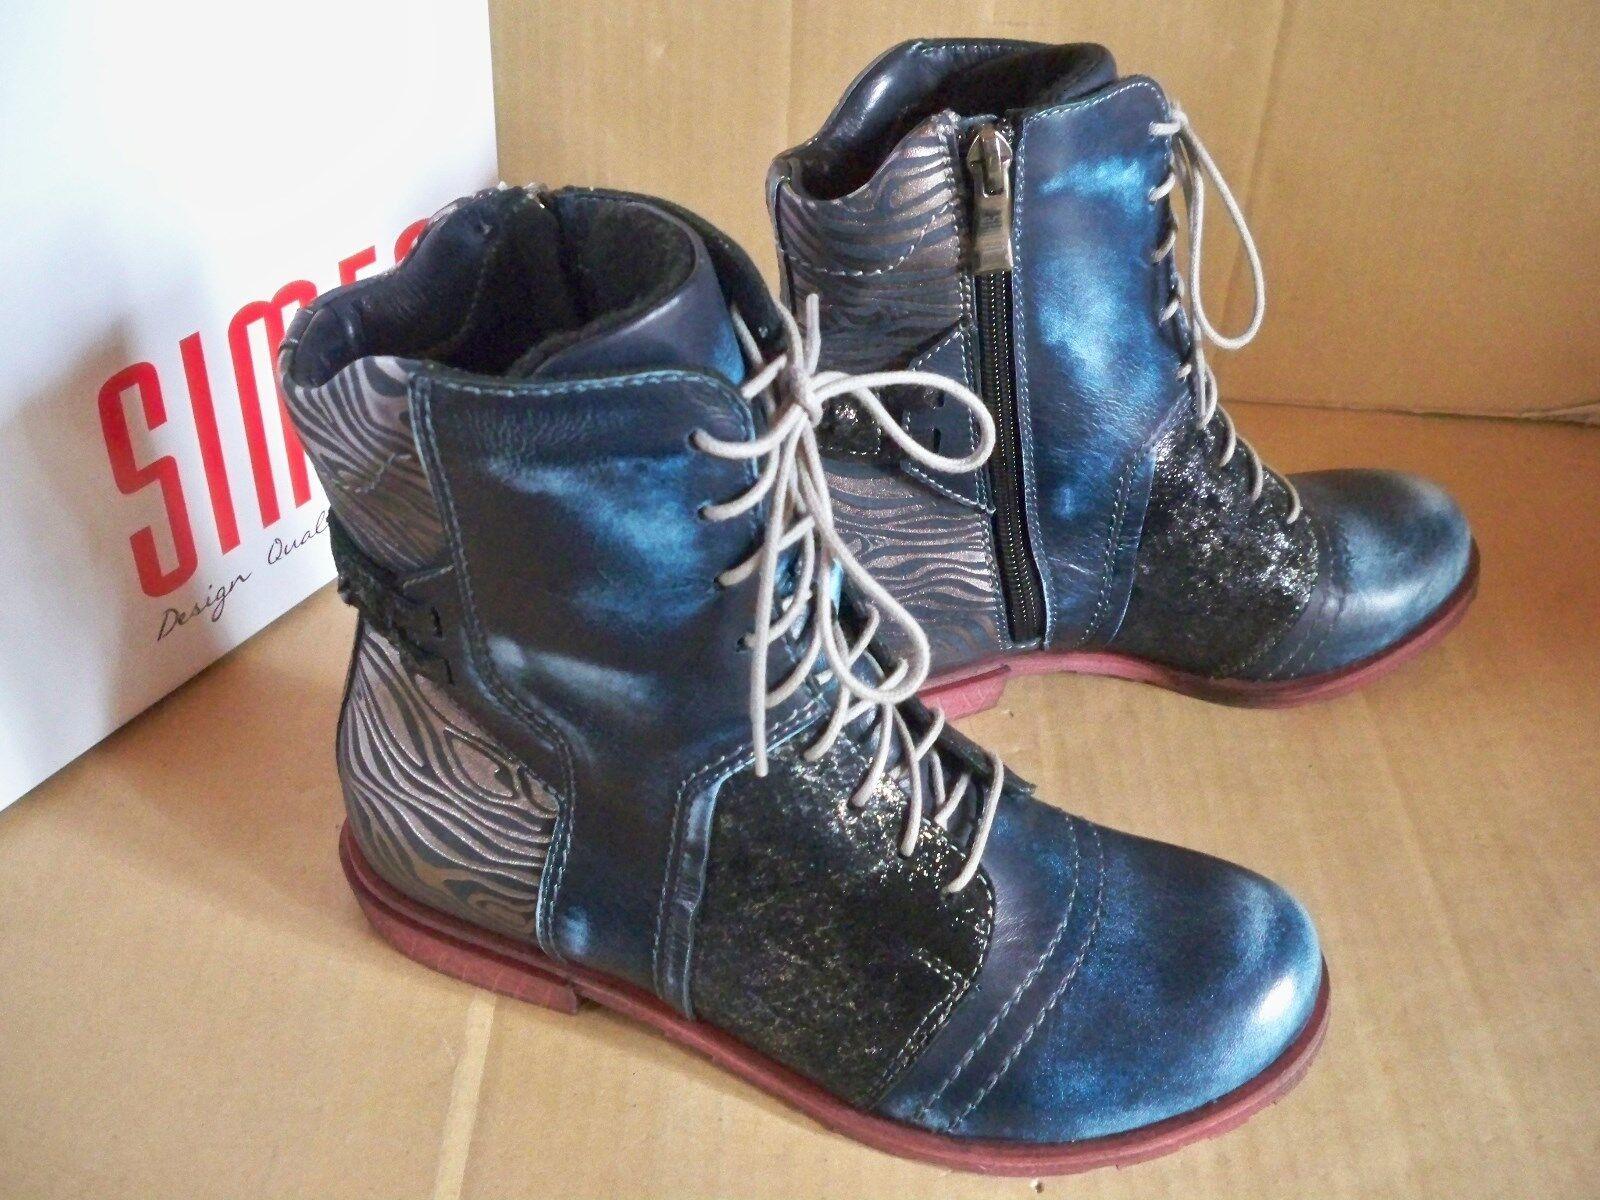 SIMEN  Stiefel Stiefelette Stiefel 9767 blau lose Einlage  Leder Warmfutter Gr36